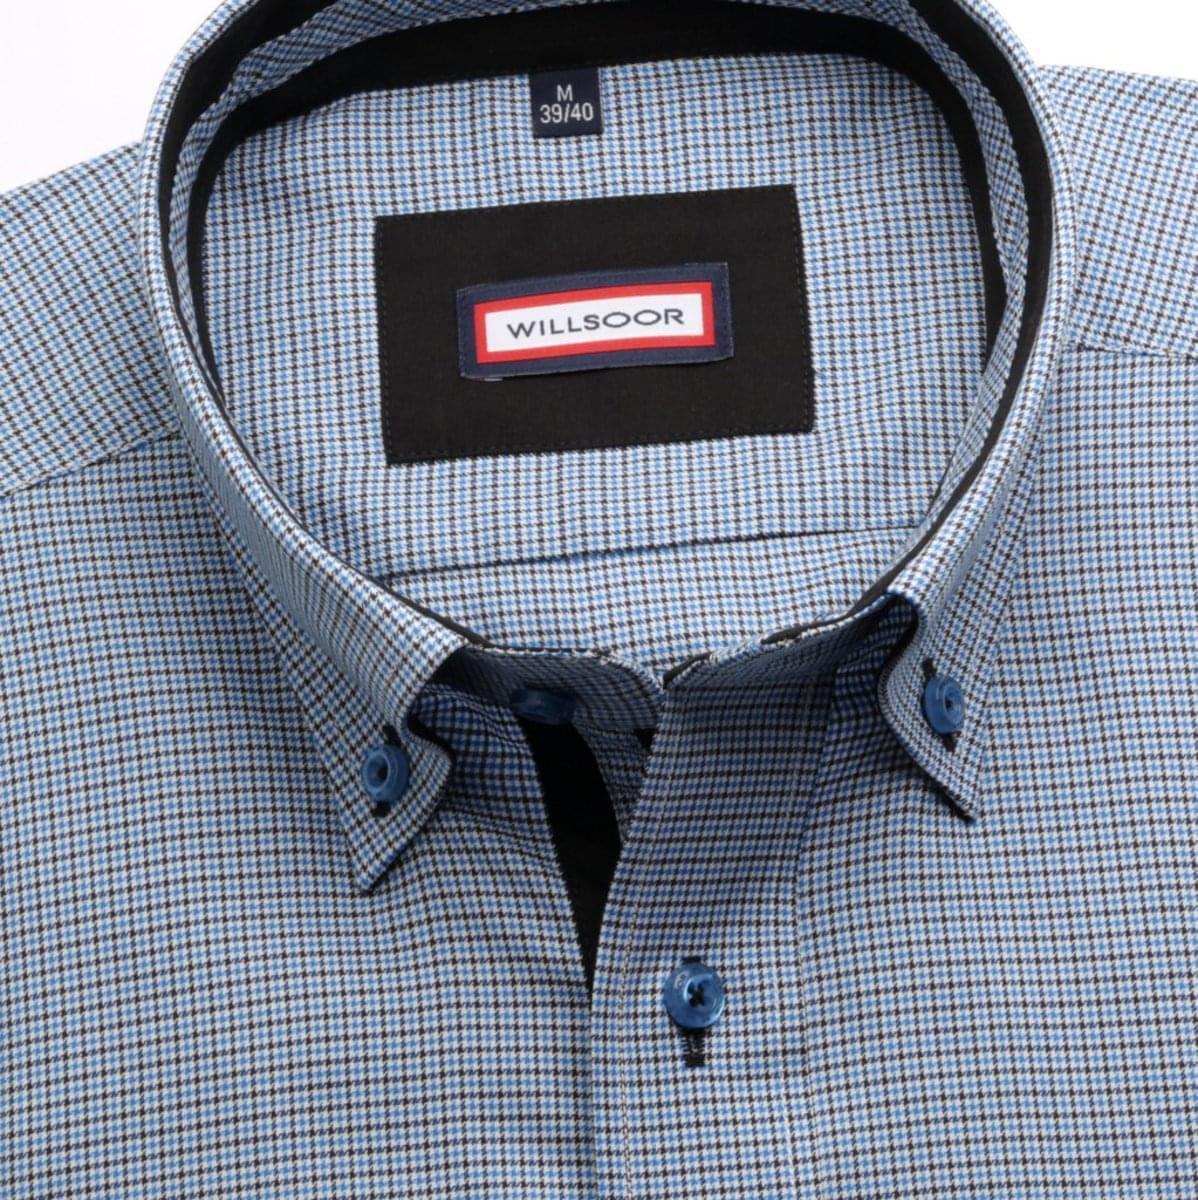 Pánská košile Slim Fit (výška 176-182) 5707 v modré barvě s kostkou